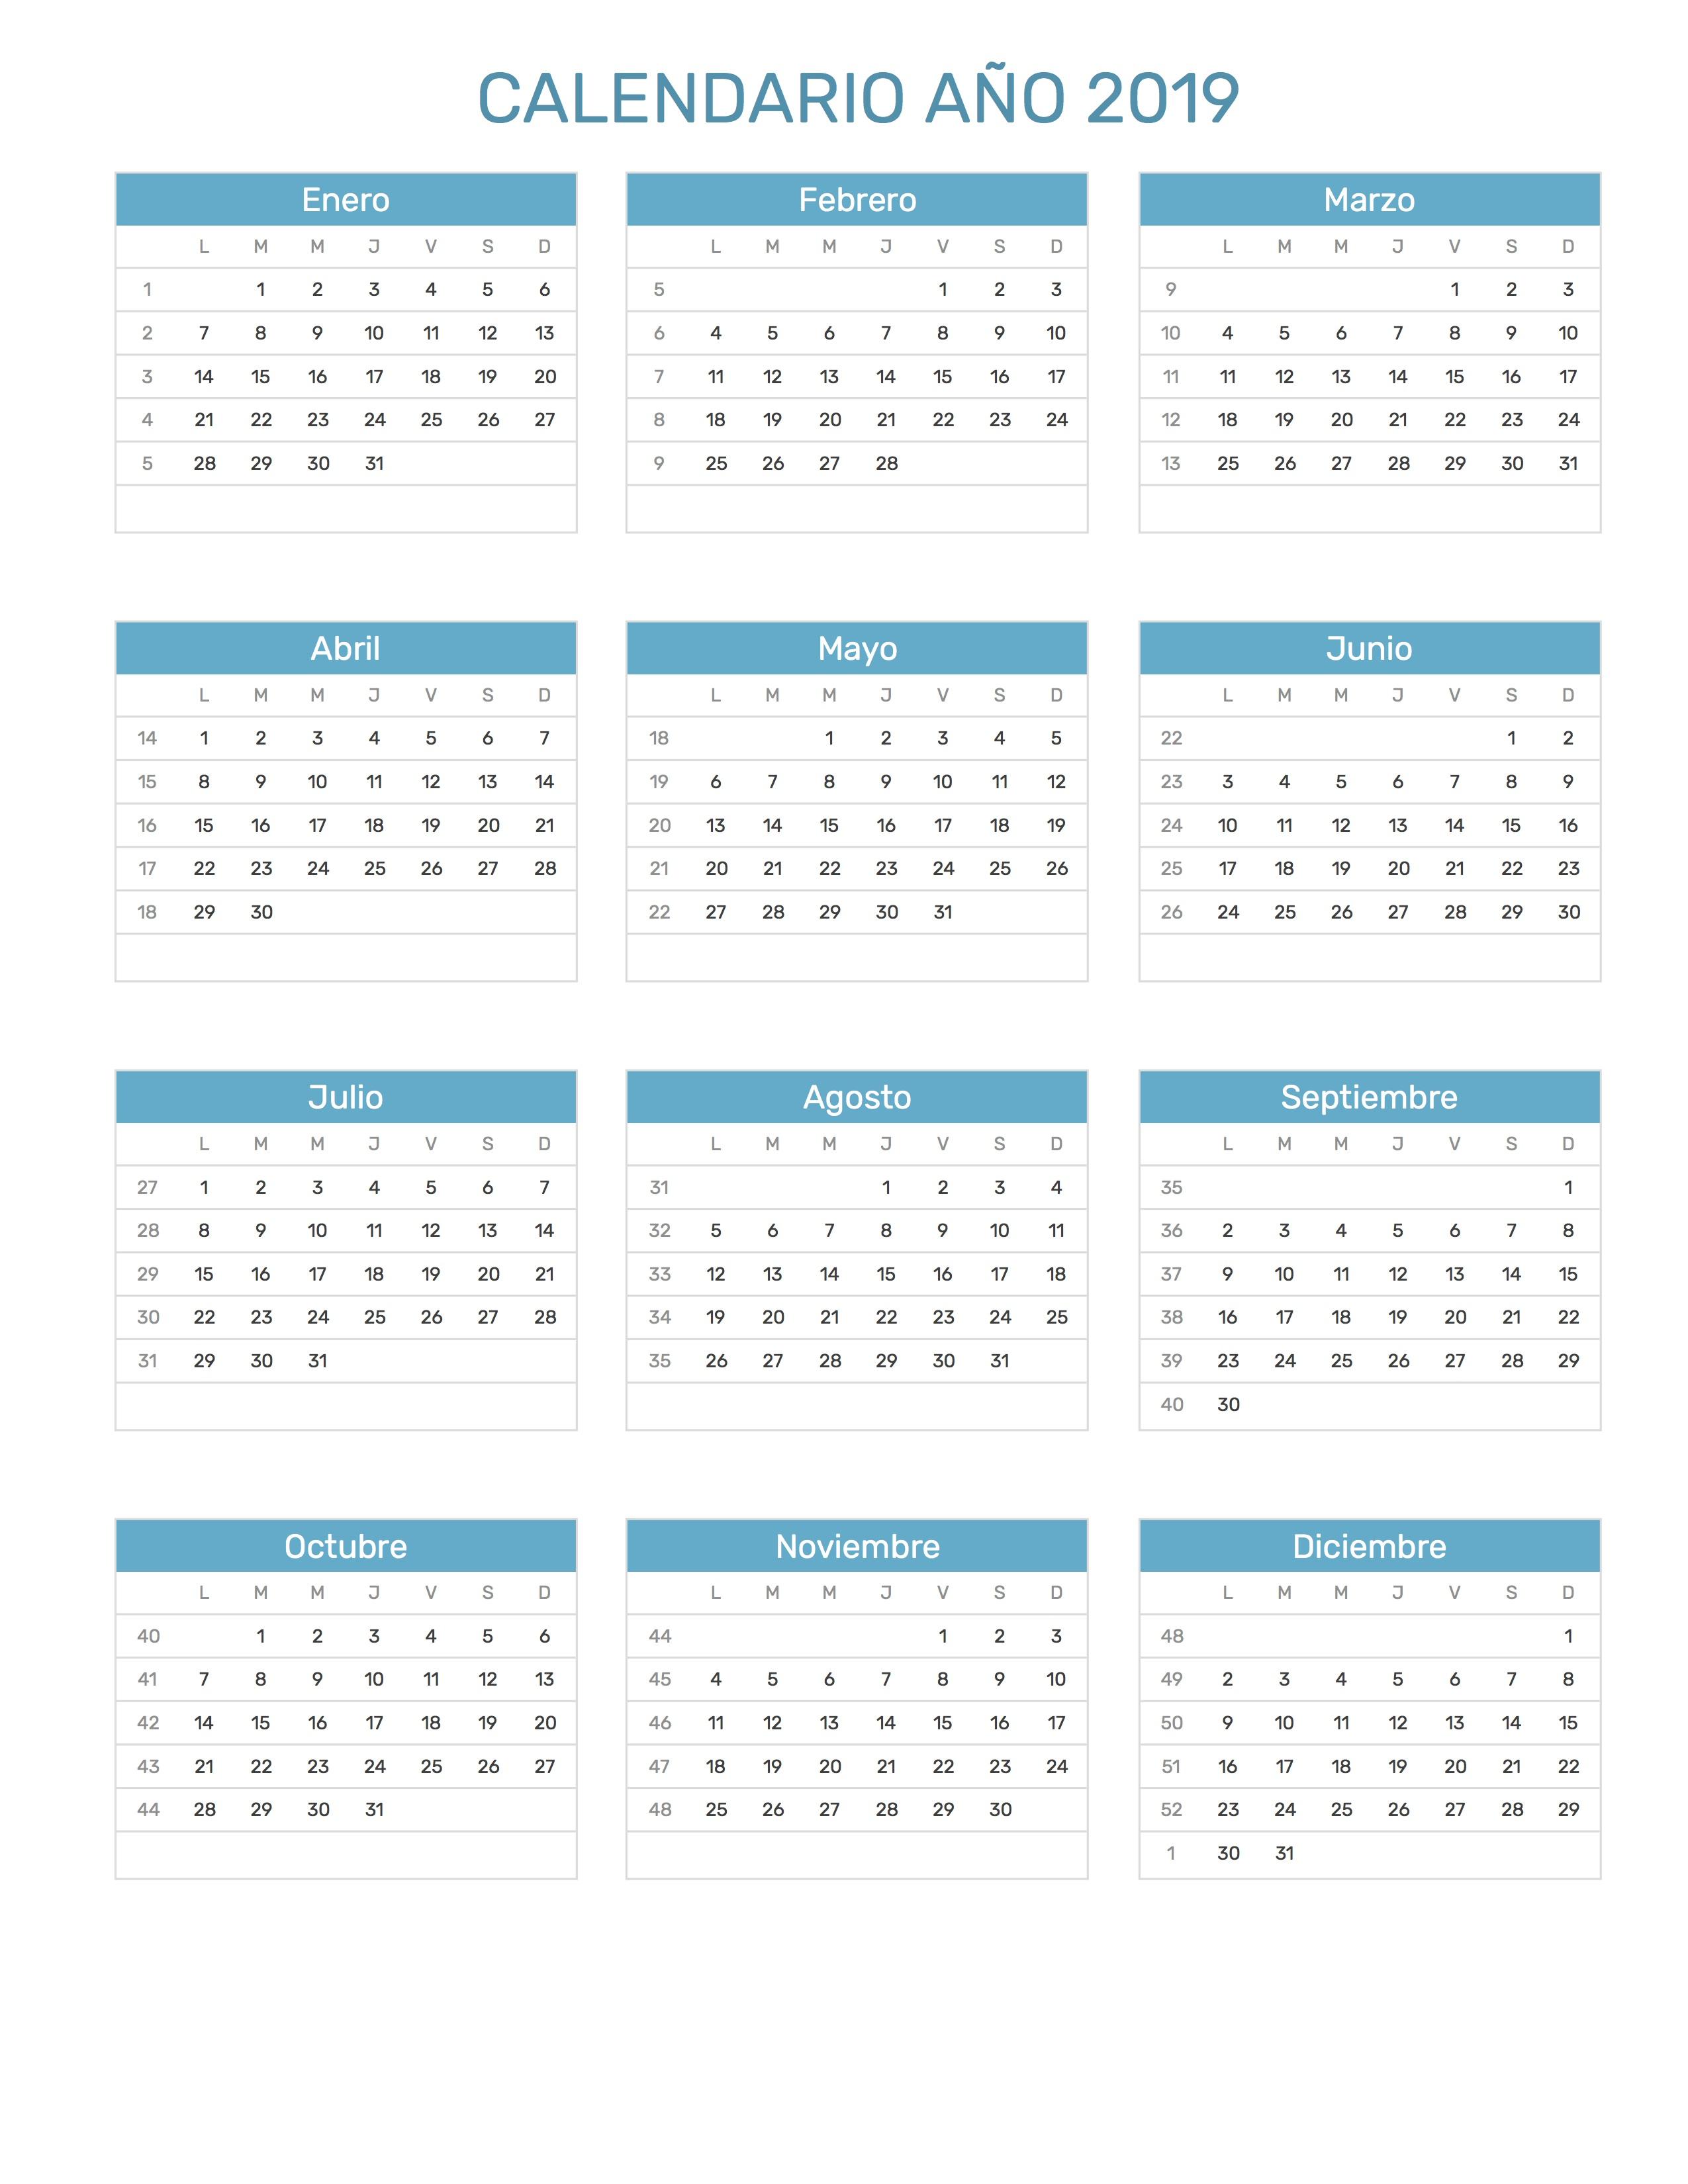 Calendario a o 2019 for Calendario 2015 ministerio del interior